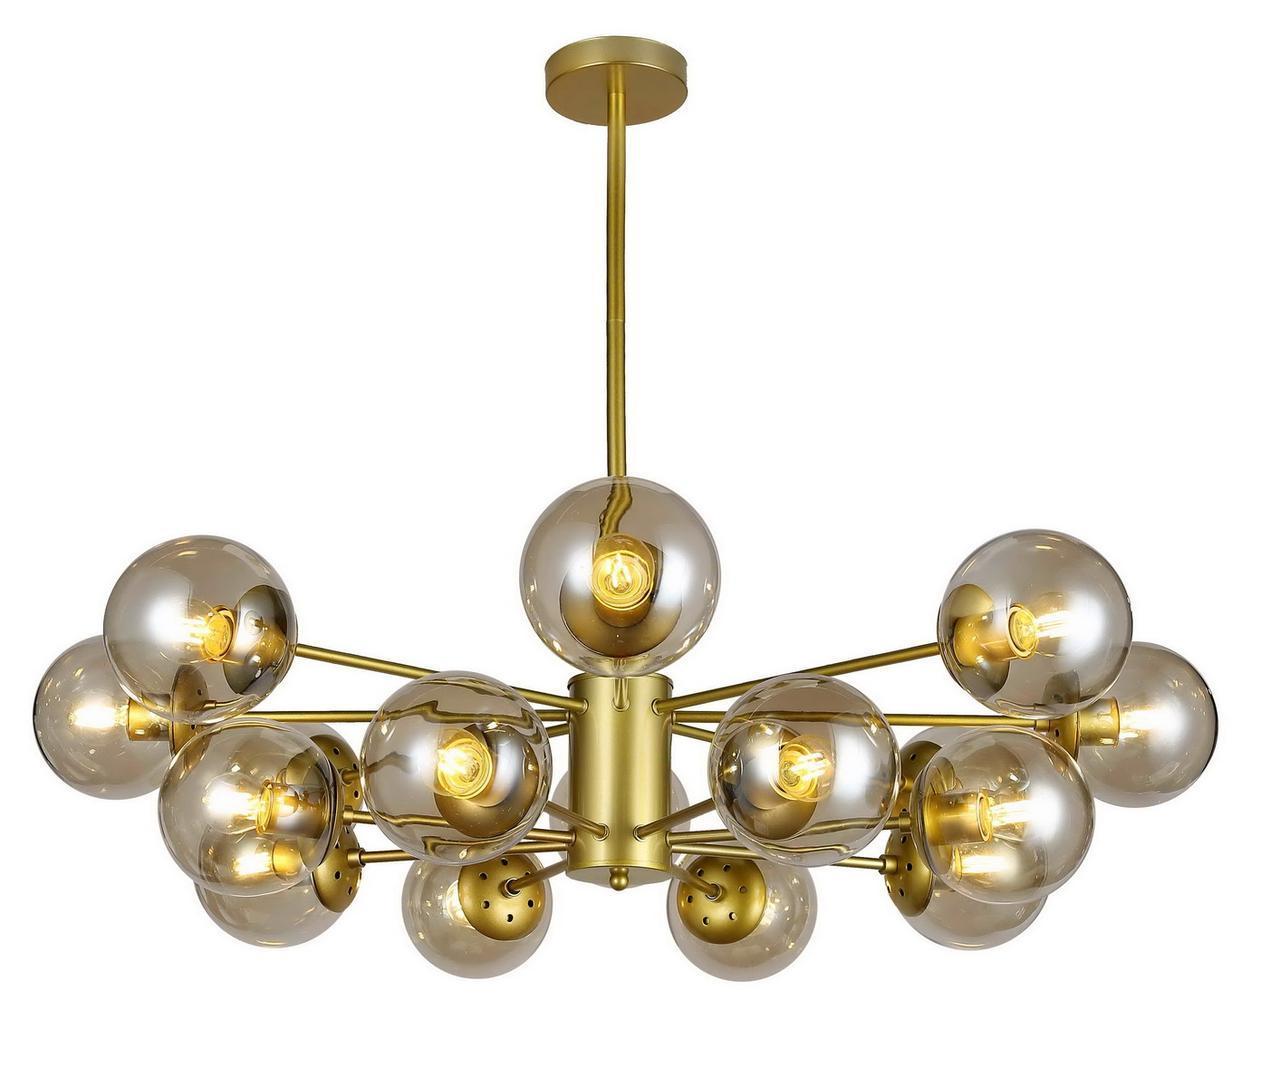 Люстра подвесная на 16 плафонов на золотистом основании в стиле loft  7526033-16 GD+CL